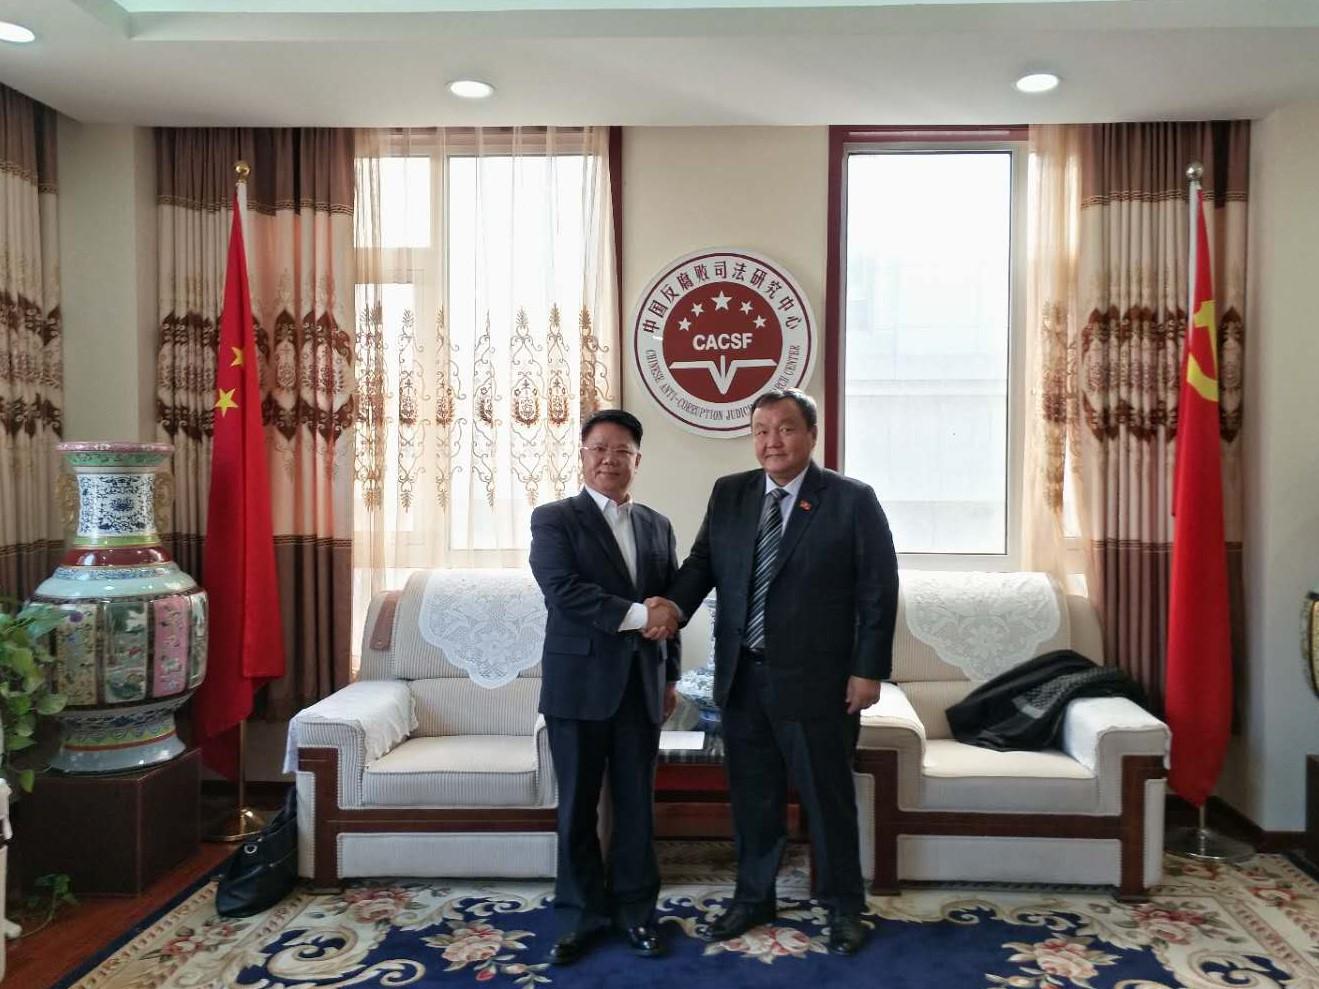 中建联投建设发展有限公司董事长潘启中先生等,针对合作投资项目展开图片